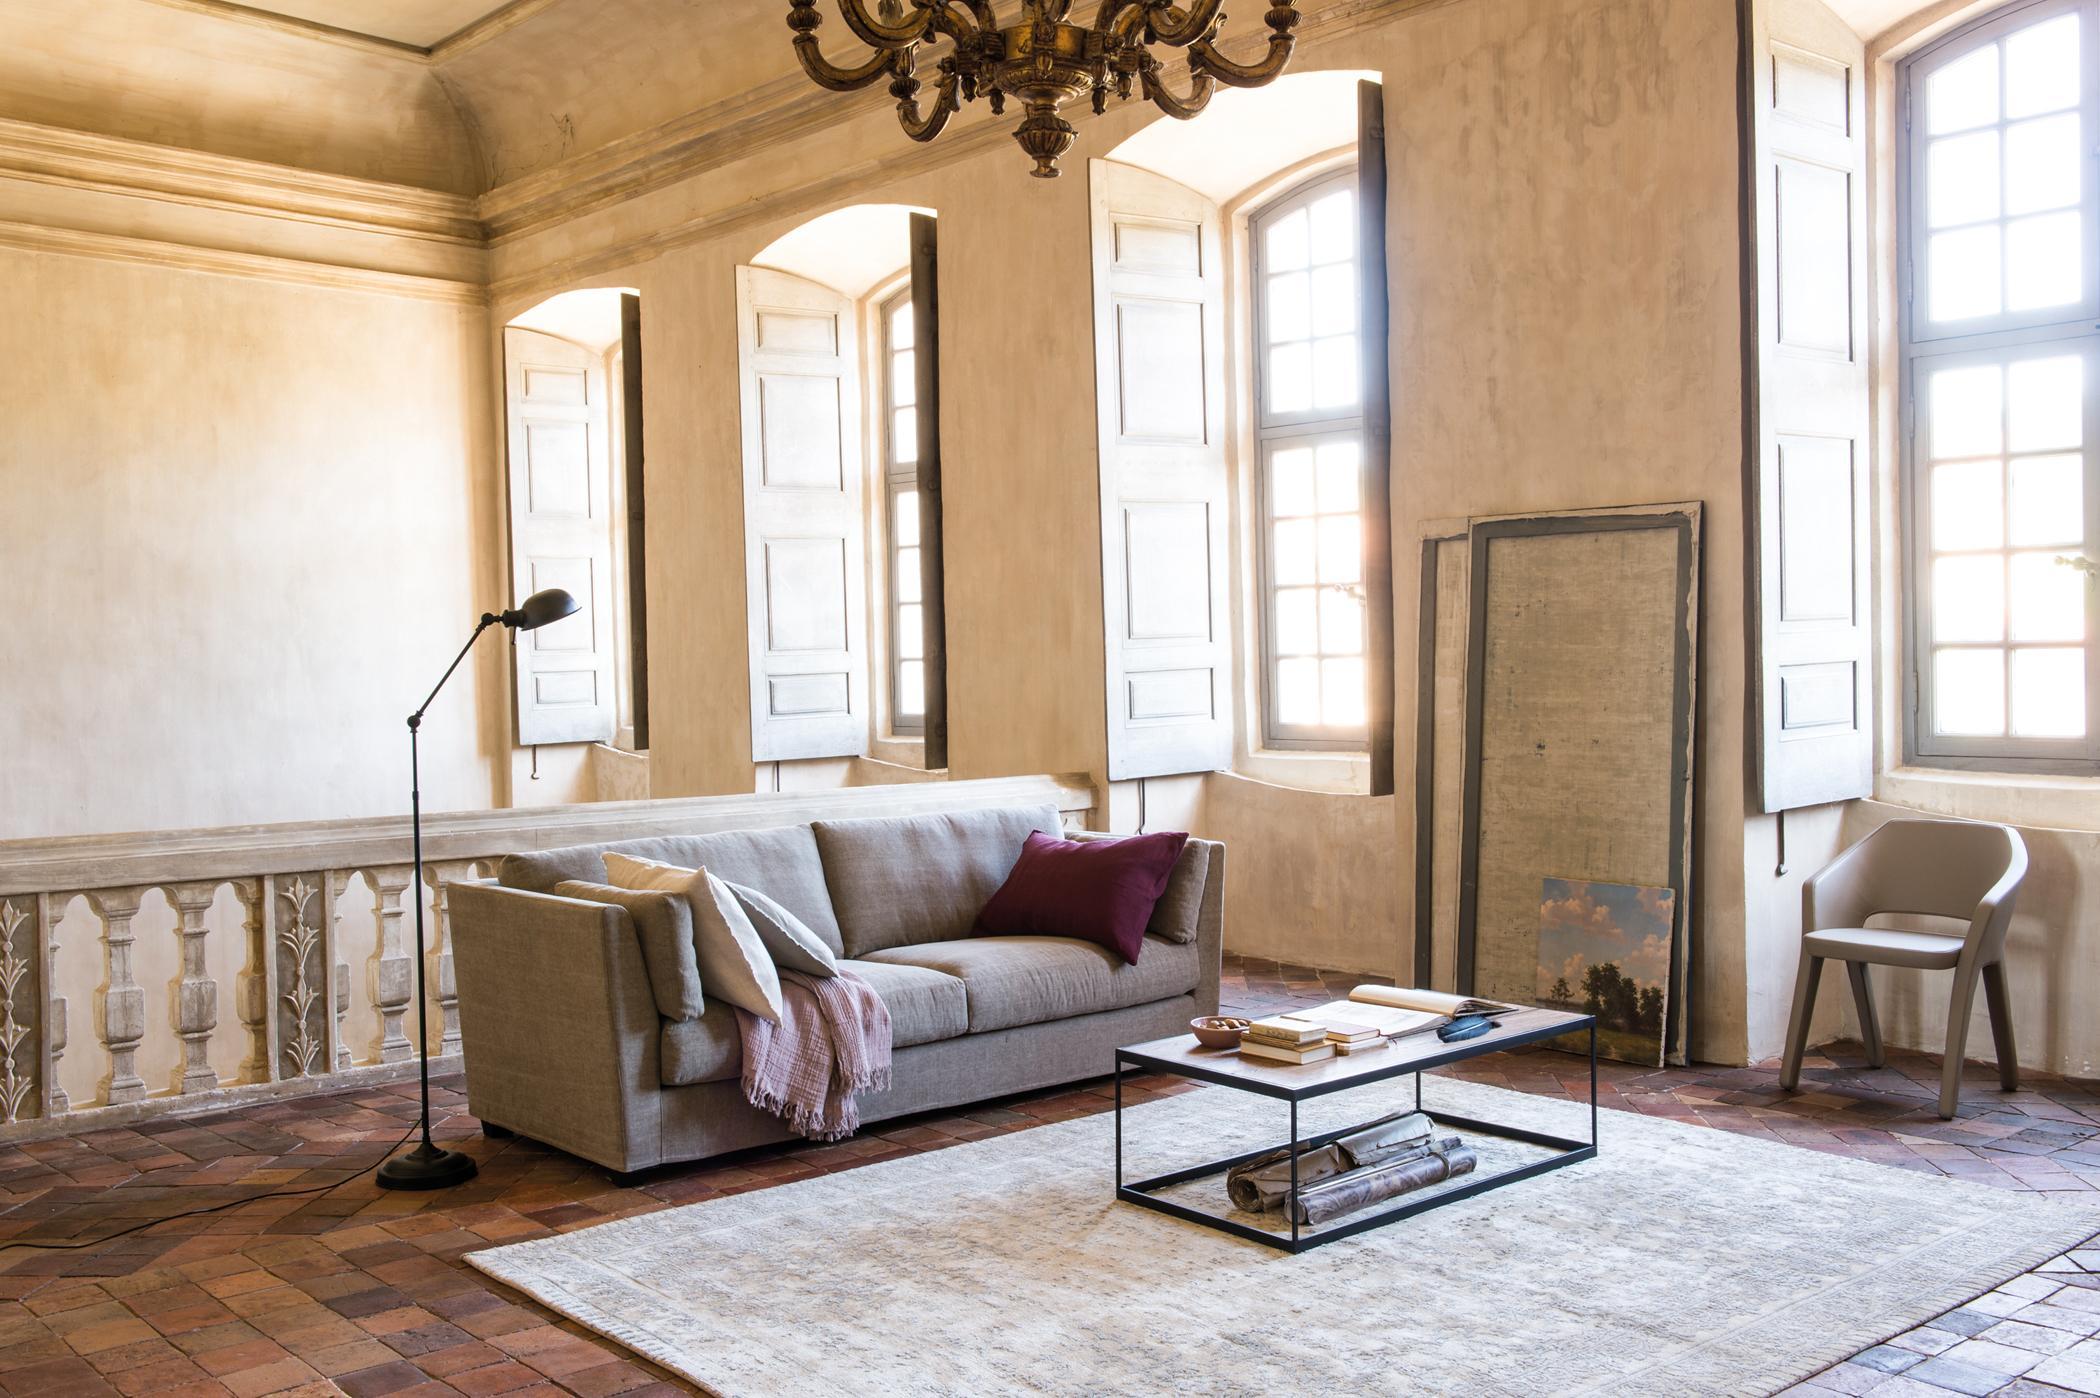 wohnzimmer mit galerie-flair #stuhl #couchtisch #tep • couchstyle, Wohnzimmer